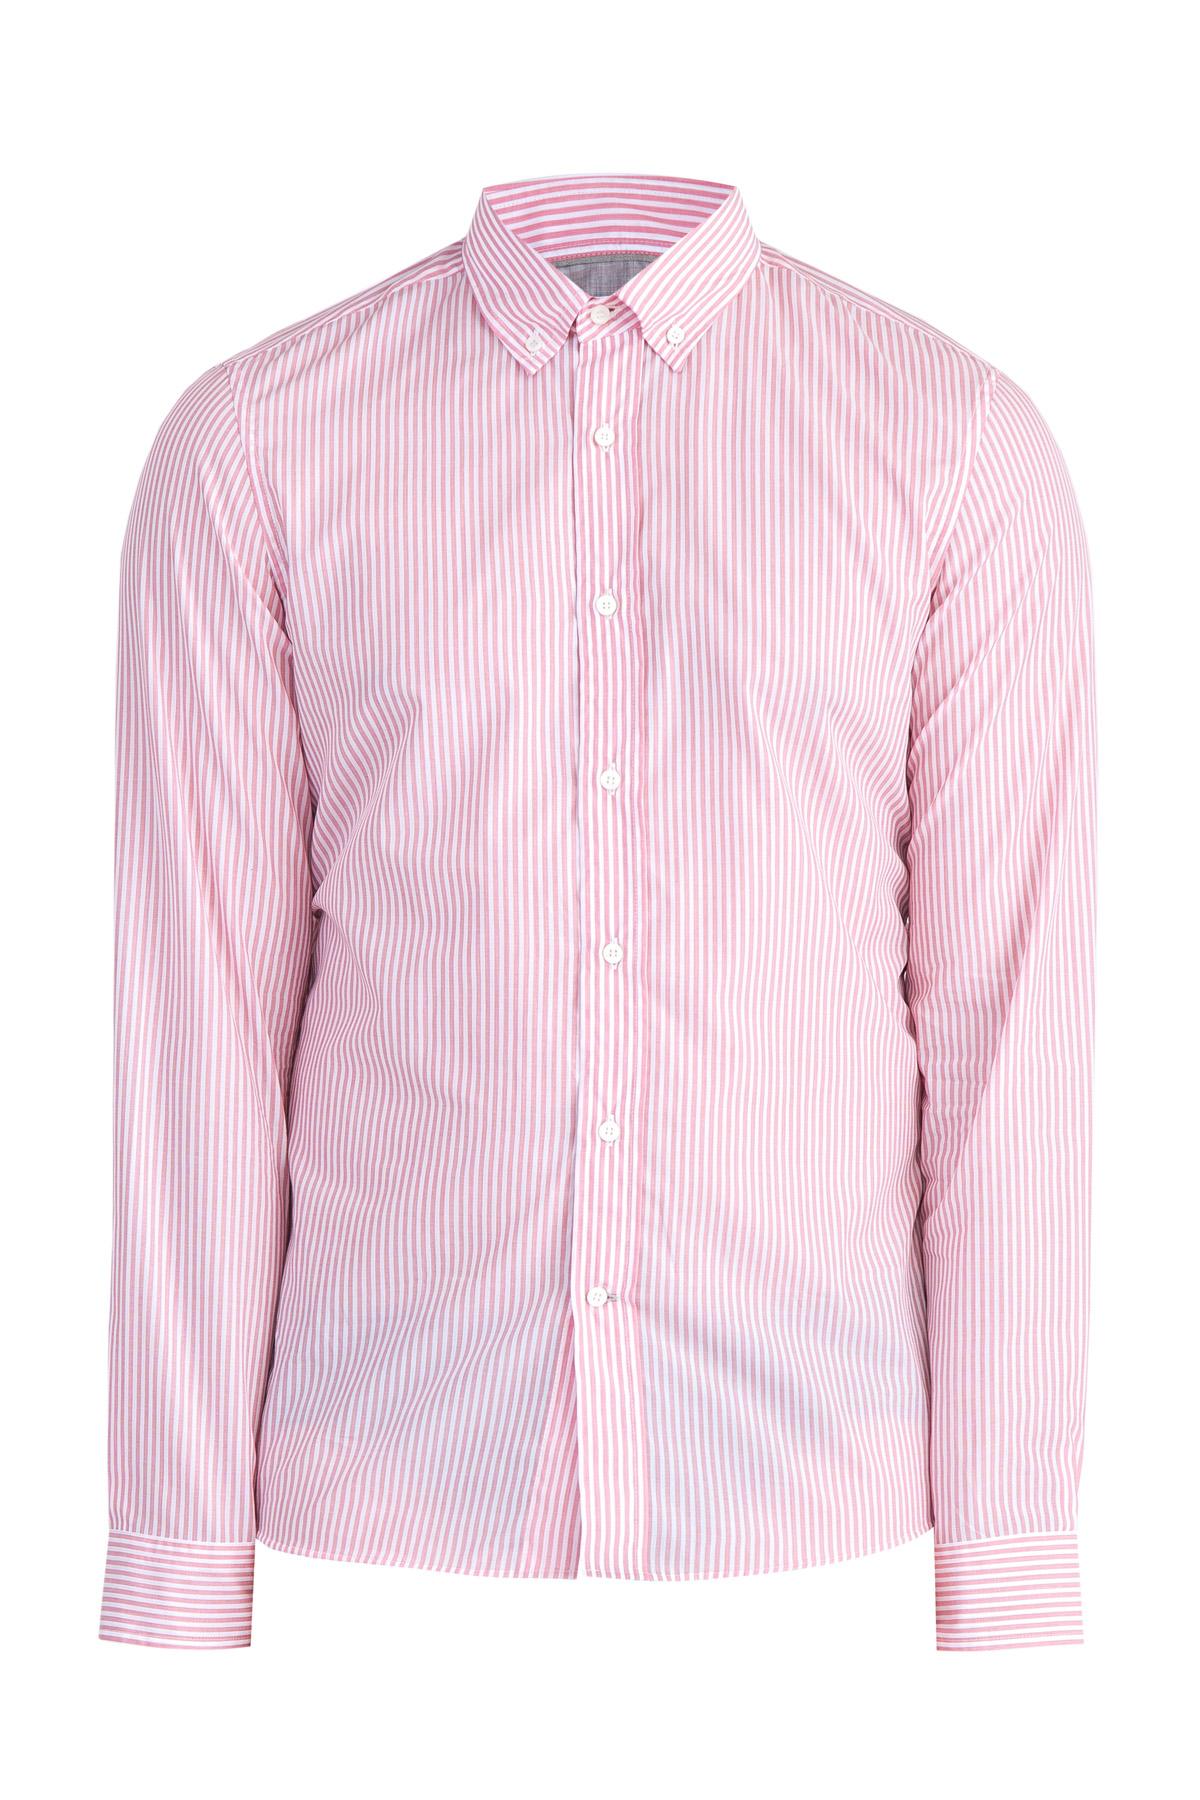 Хлопковая рубашка с узором в виде вертикальных полос розового цвета